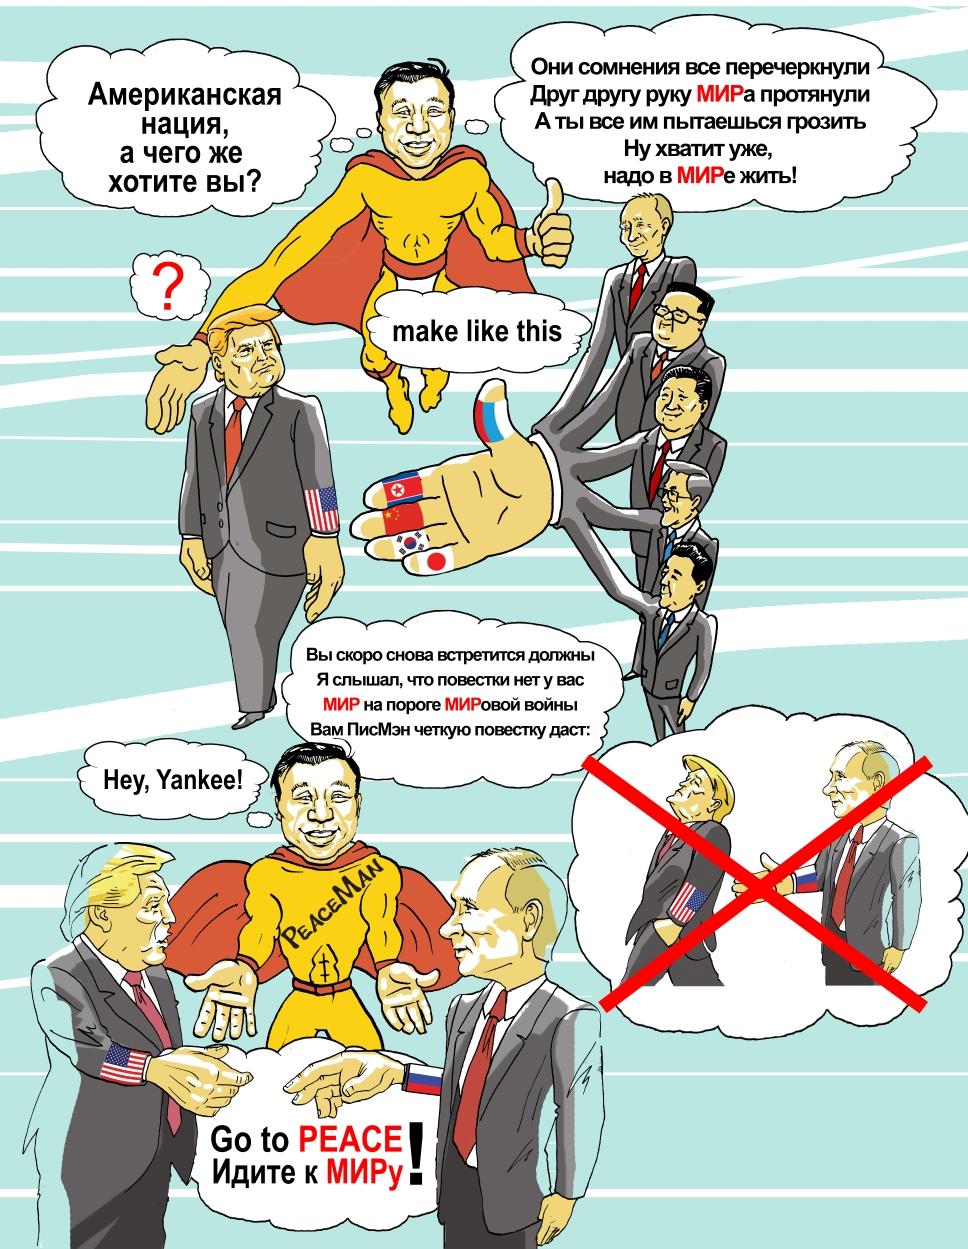 Комикс НОВЕЙШИЙ (1).jpg